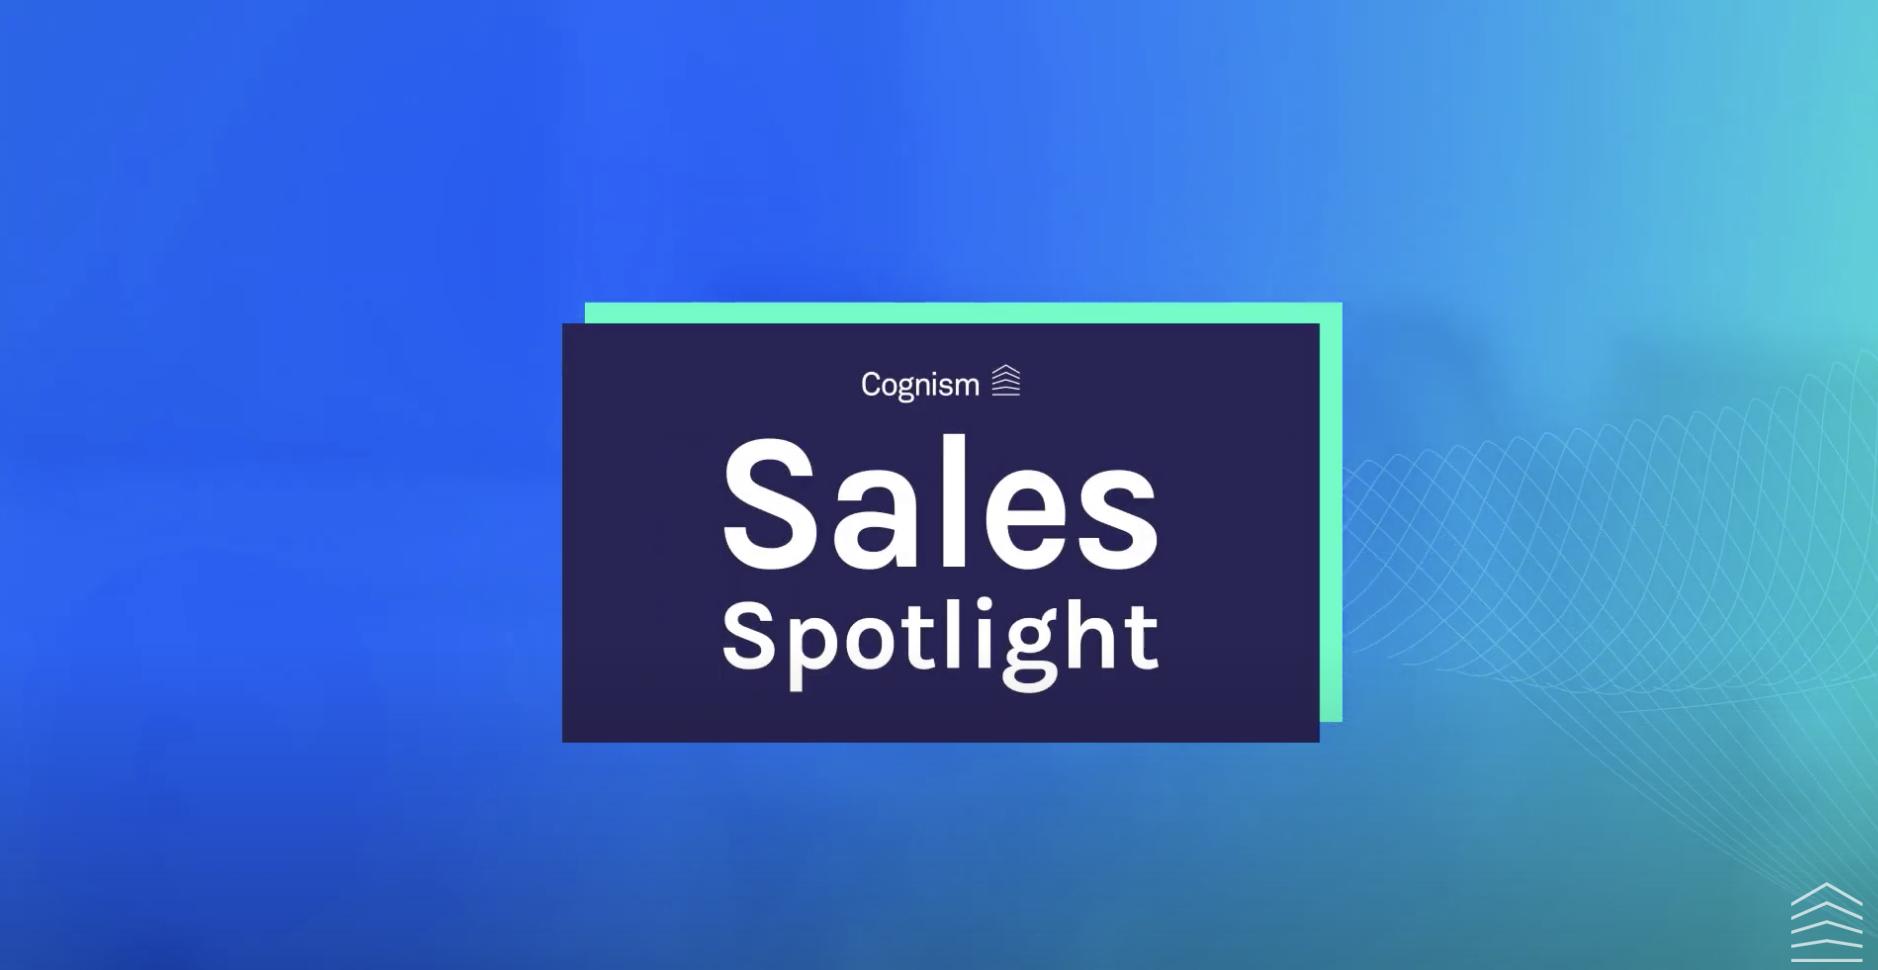 Sales Spotlight